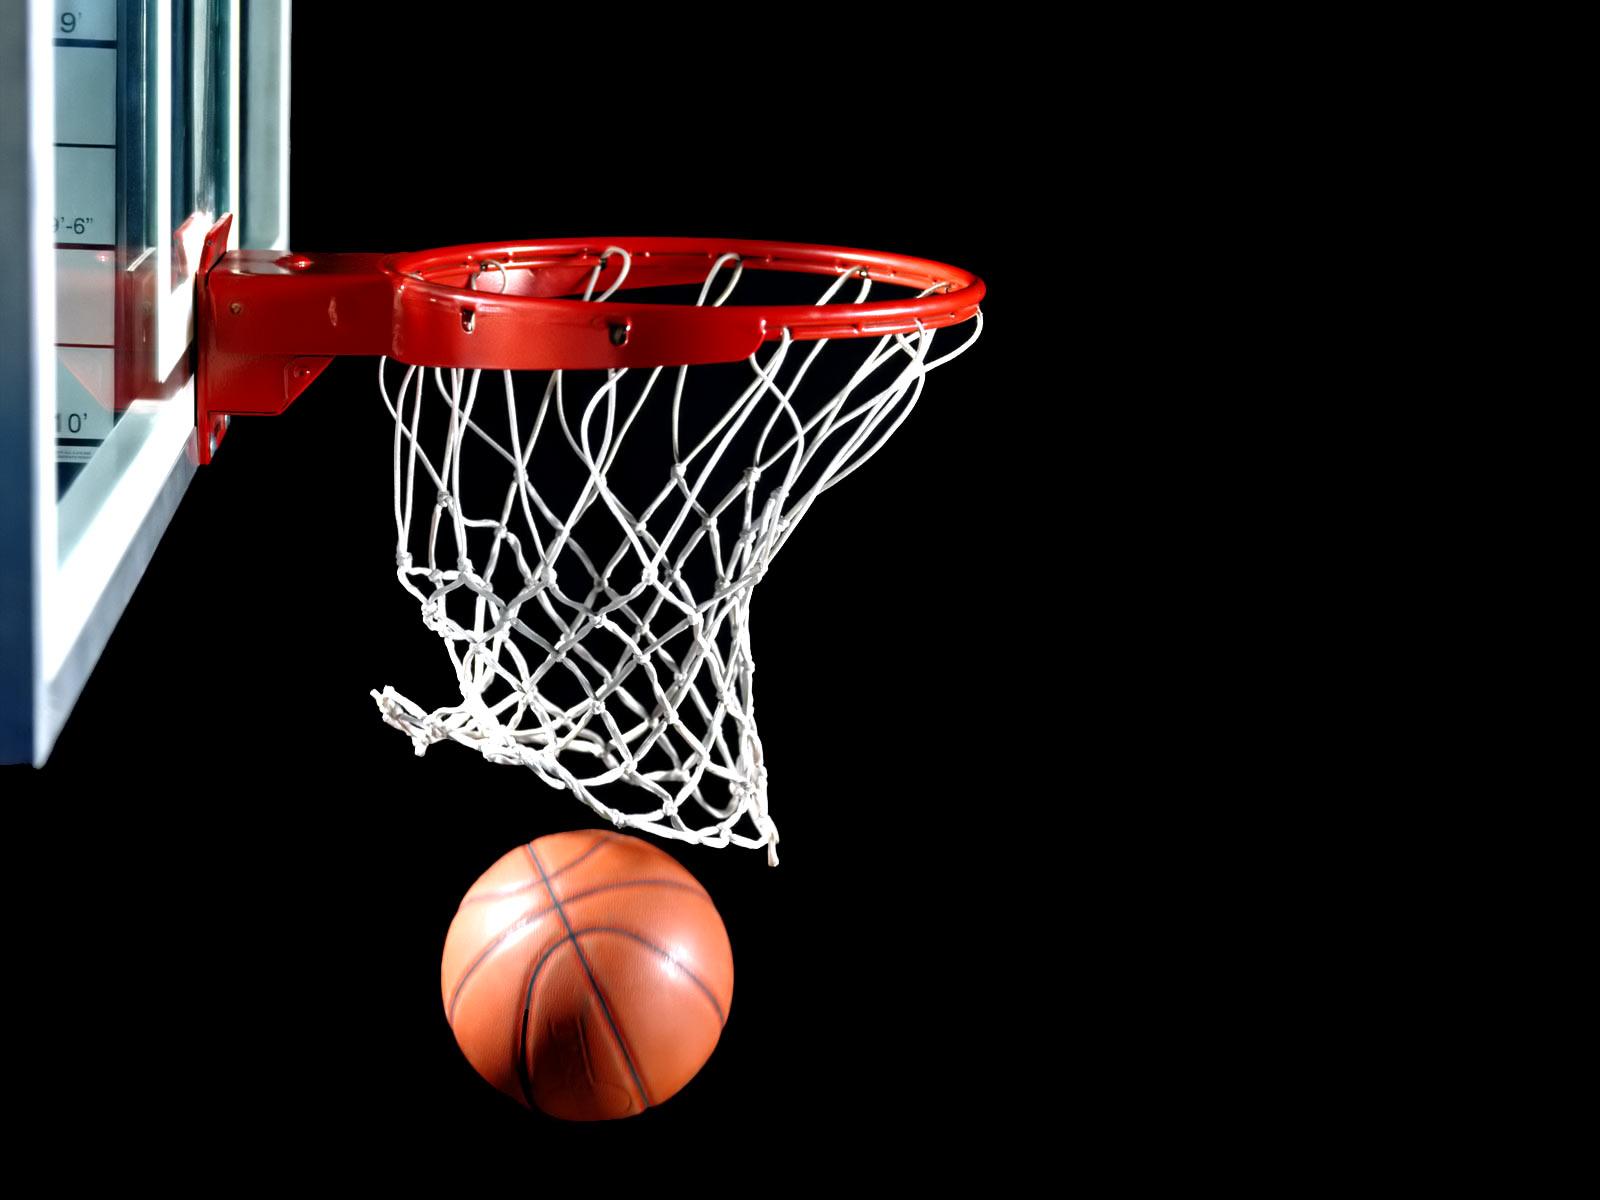 Basketball wallpapers nba xc 4 1600x1200